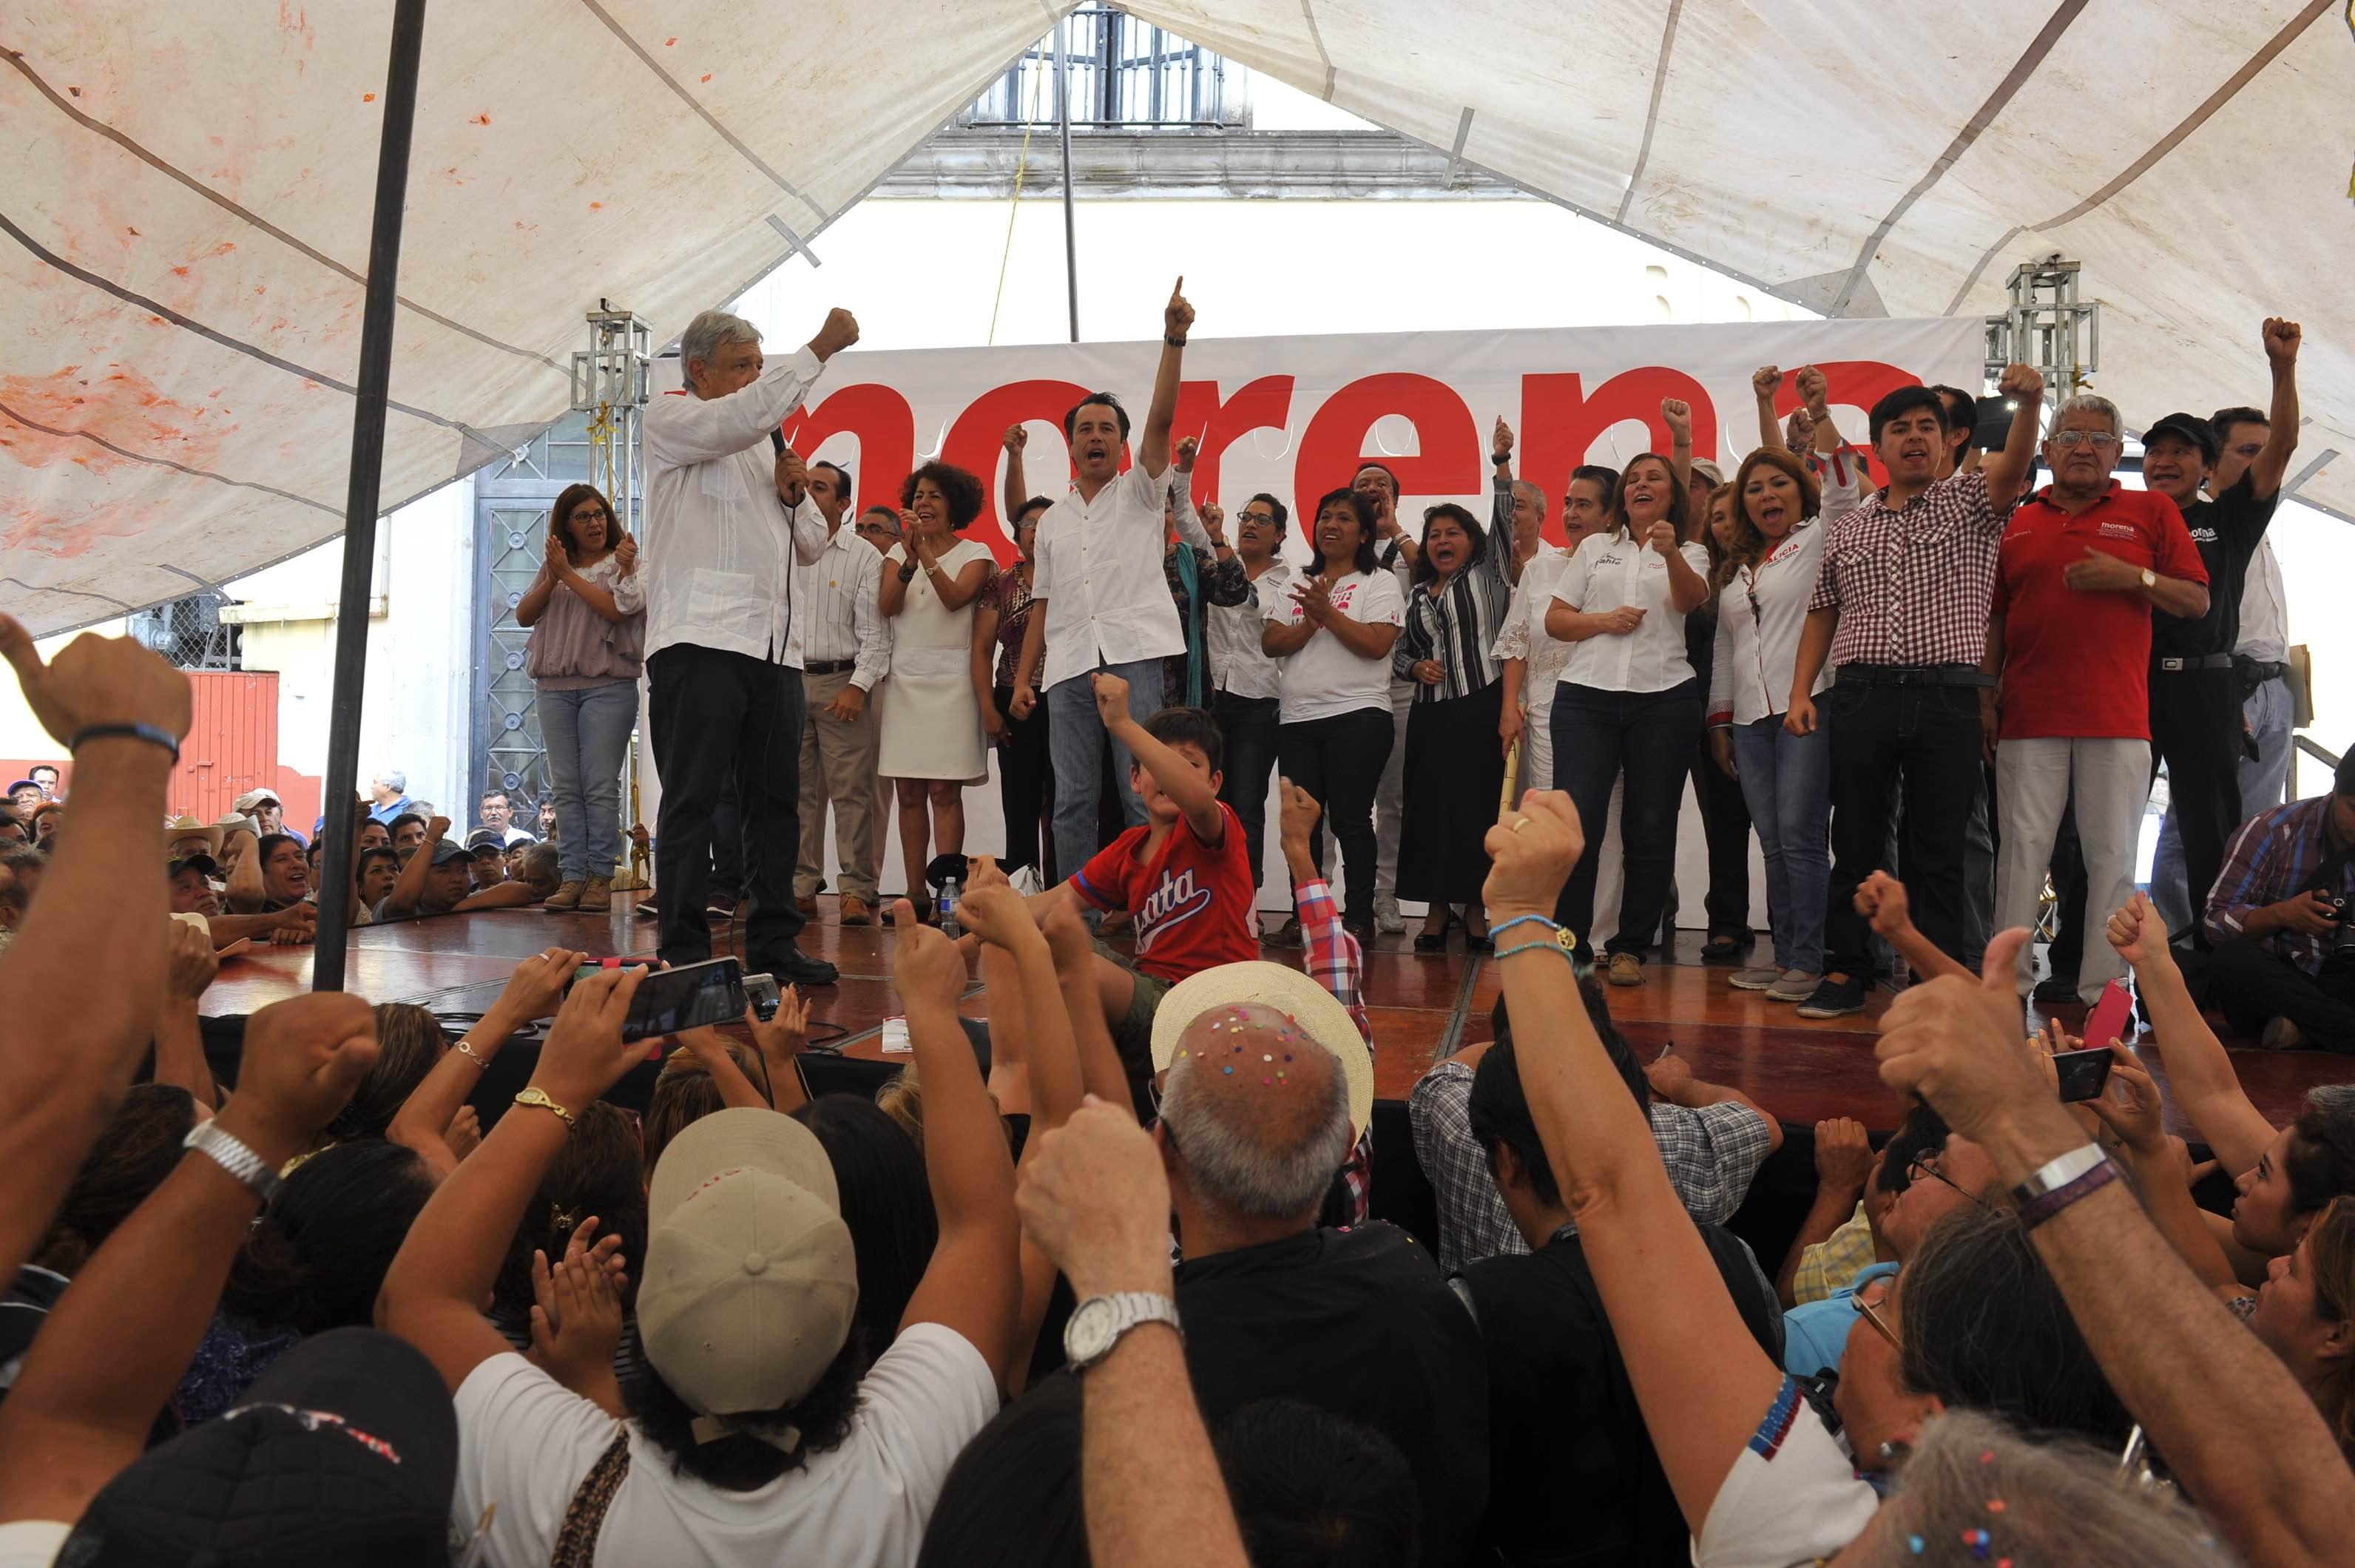 Nombre de Rubén Espinosa en mitin de AMLO en Xalapa